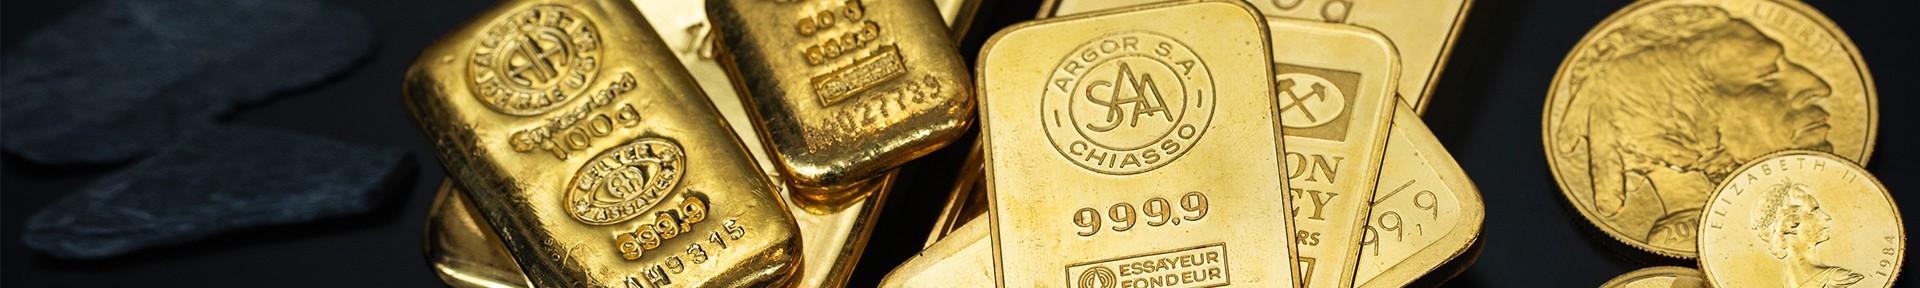 Gold kaufen bei Goldwechselhaus